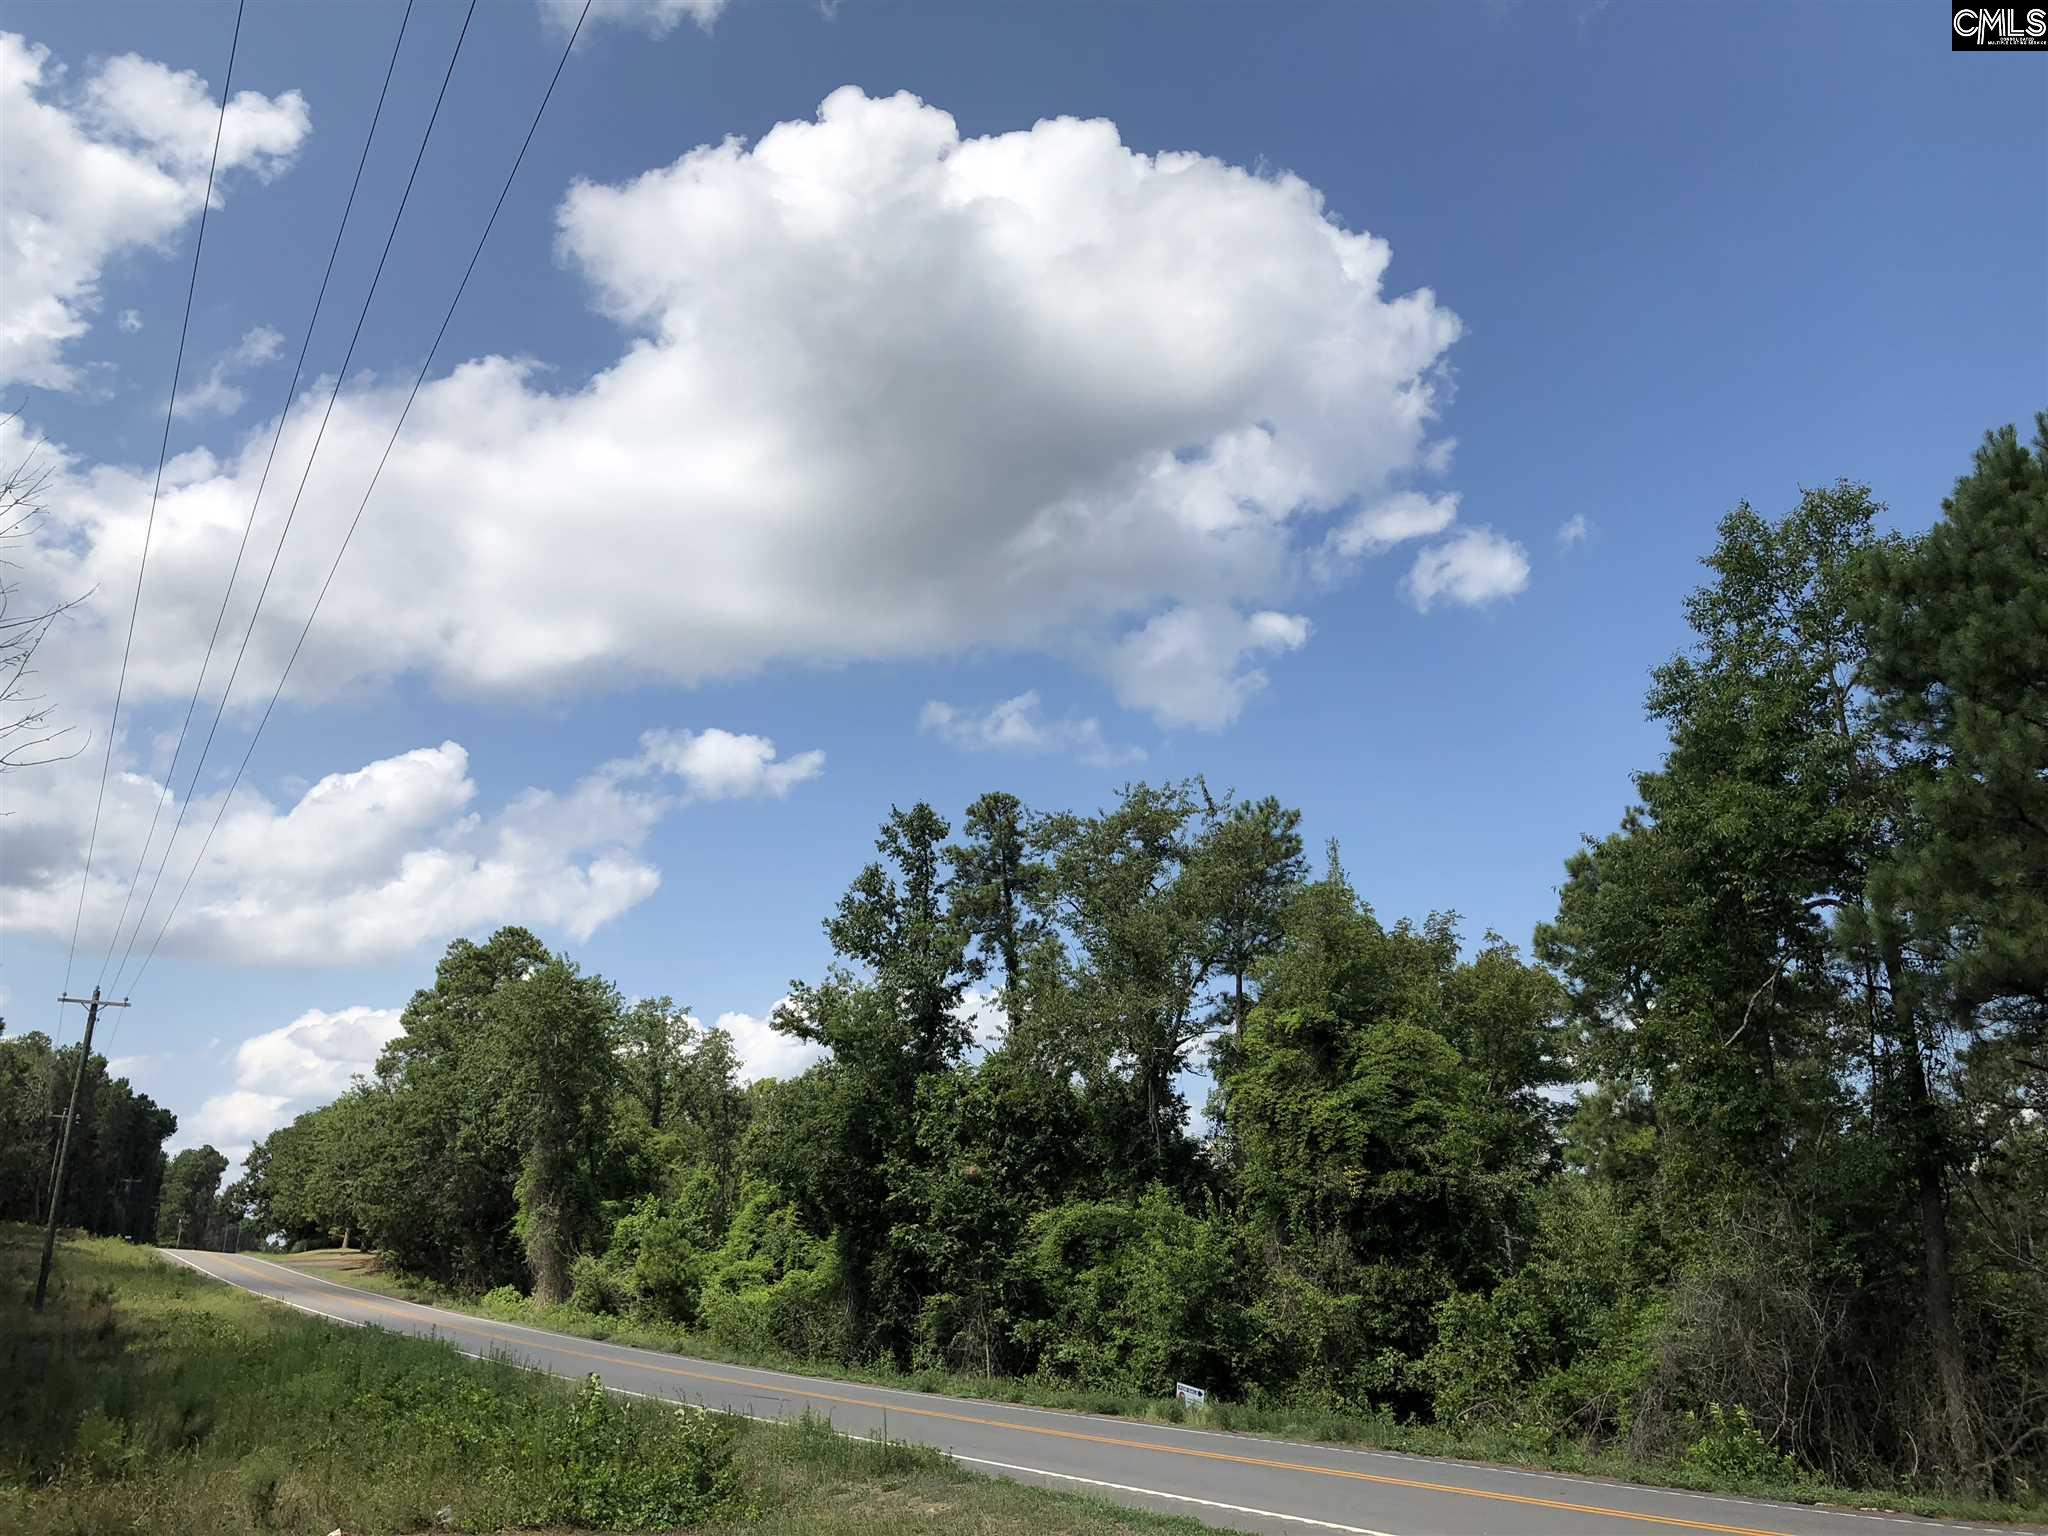 Wire Batesburg, SC 29006